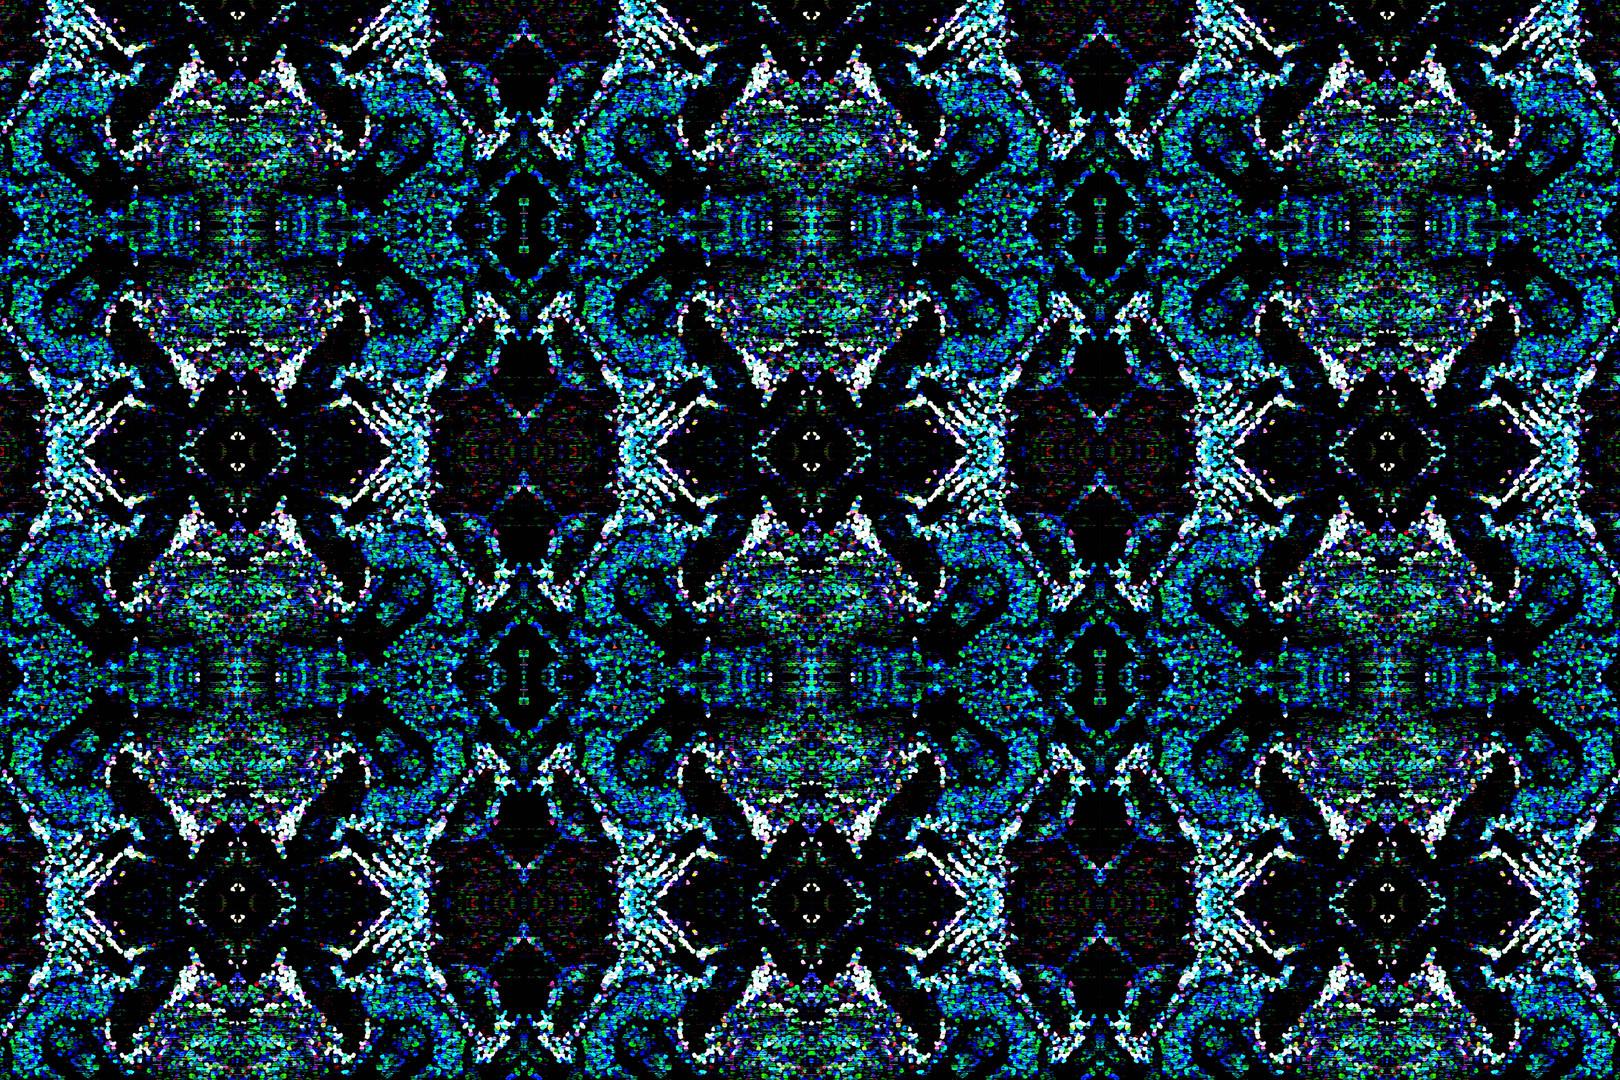 WATER_13.jpg